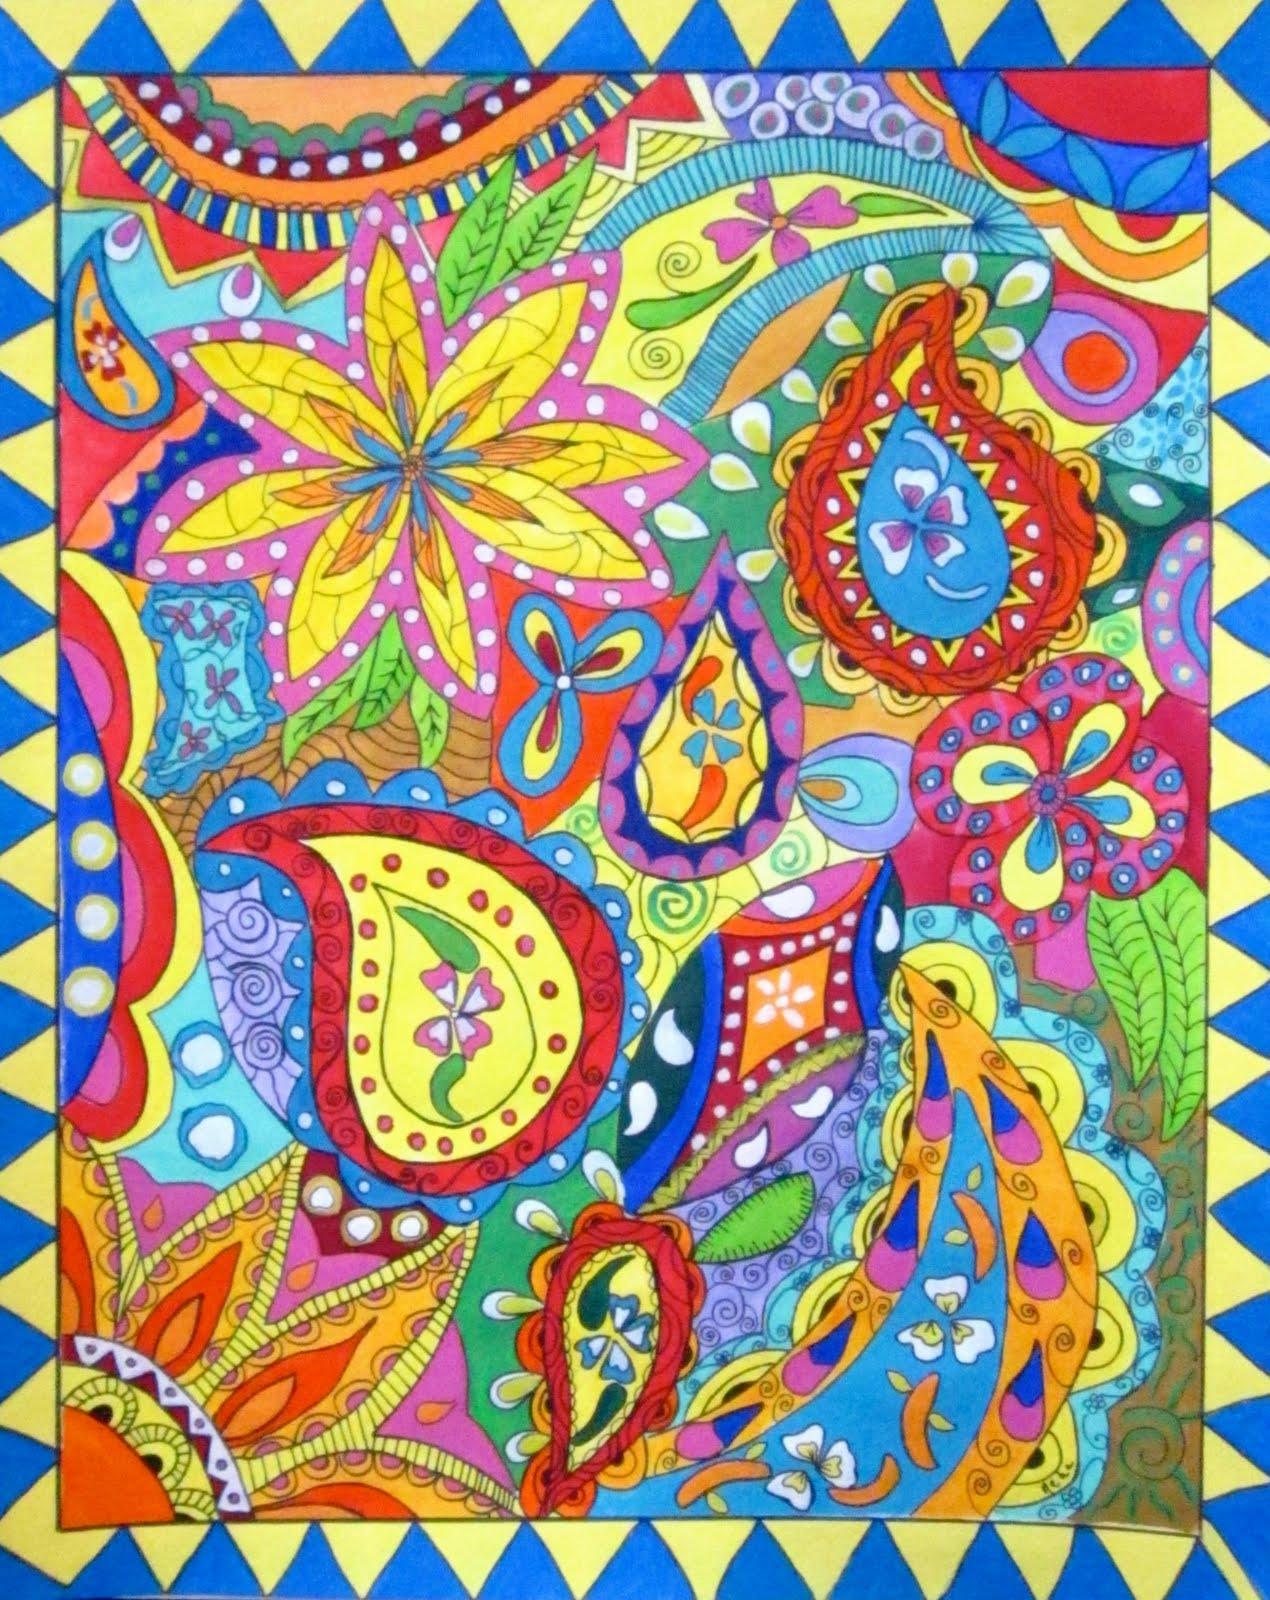 http://2.bp.blogspot.com/_nJ9UGUXtKz8/TKf-izbdpcI/AAAAAAAAJ9I/1lDYkrXA7-8/s1600/Neha_Dreanworld.JPG